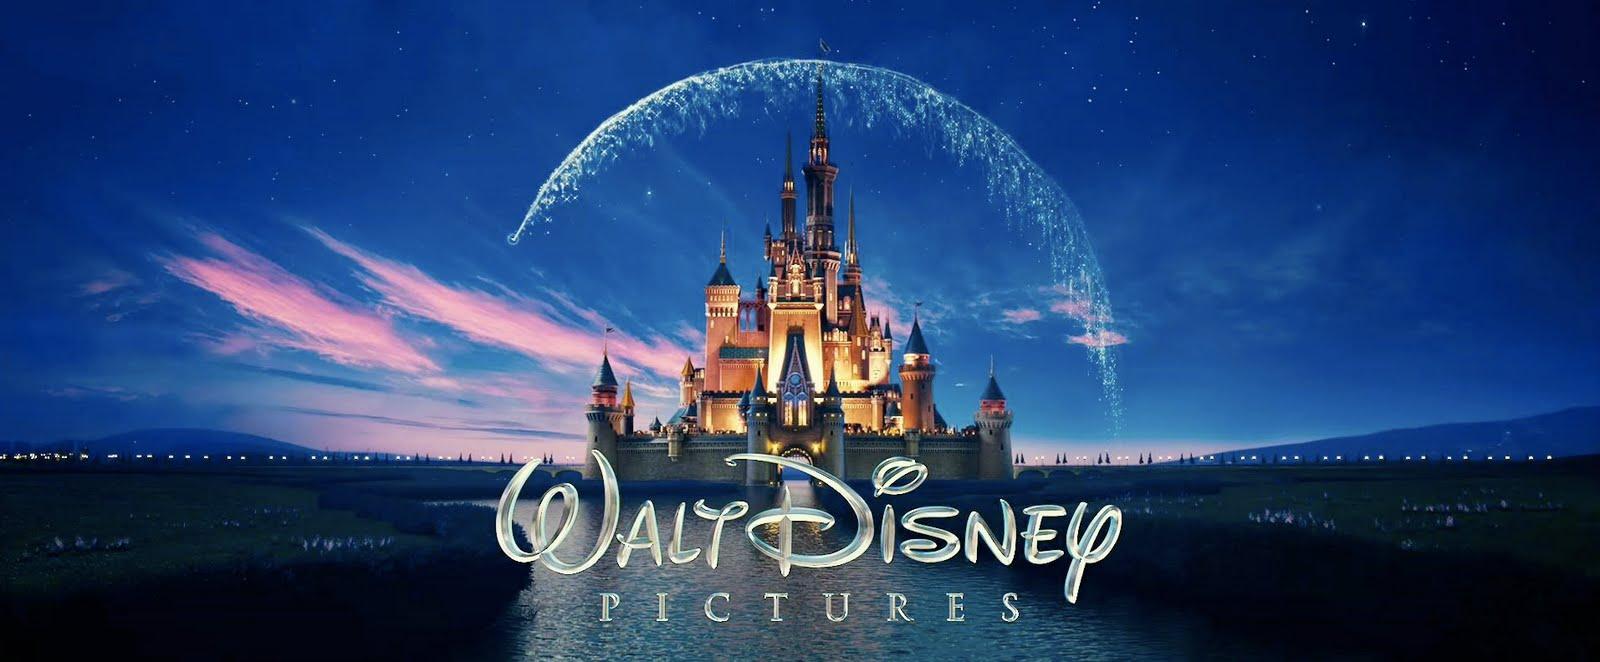 Walt Disney - Tv e OTT. Sorpresa: l'antica filosofia del broadcaster torna su IP con la reunion tra distribuzione e contenuto